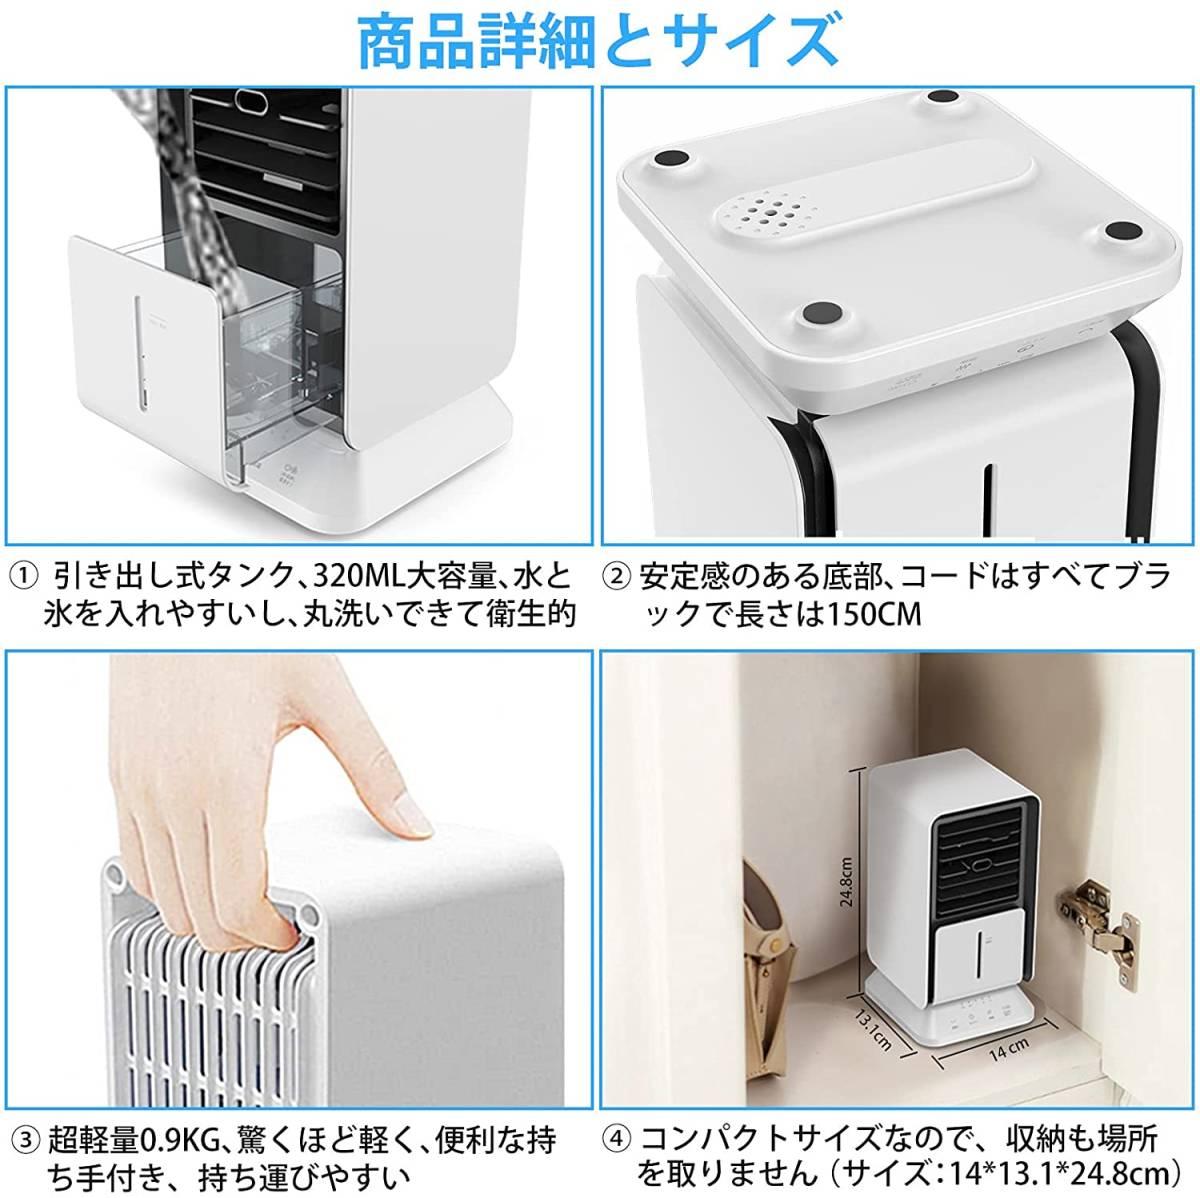 2021年最新版 冷風機 冷風扇 小型 4in1 自動首振り ミスト 加湿 空気清浄機能 3段階切替 タイマー ライト付き 角度調整 日本語説明書_画像6